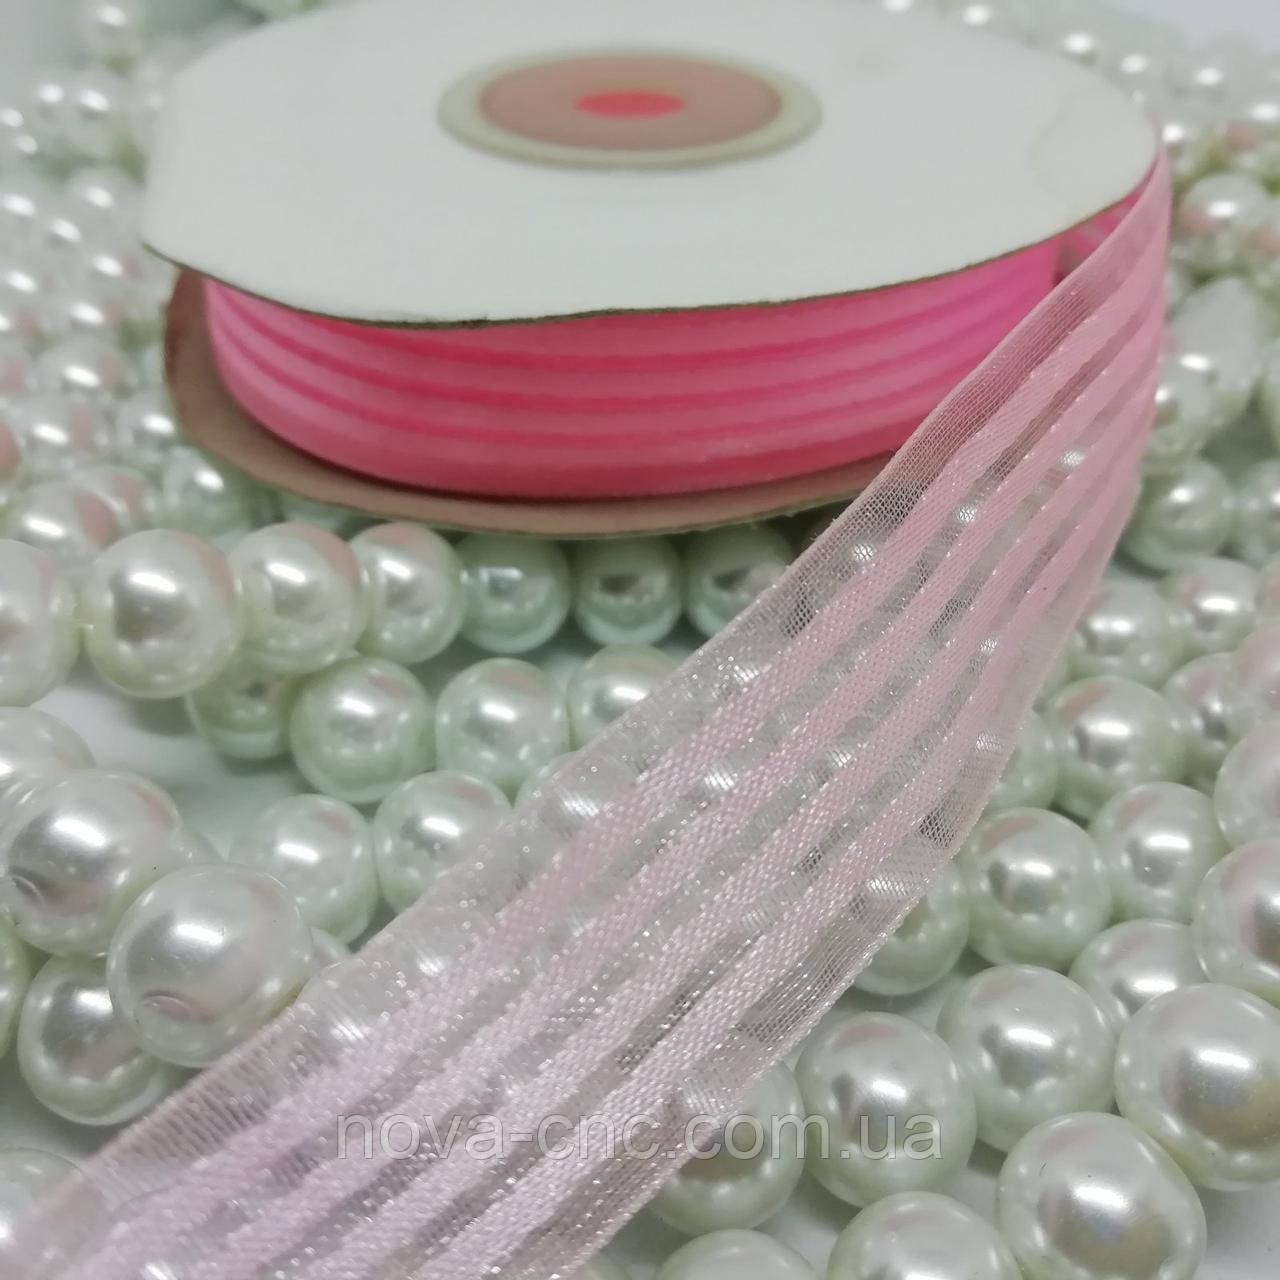 Стрічки органза з атласом смуга Колір рожевий 18 мм 23 м